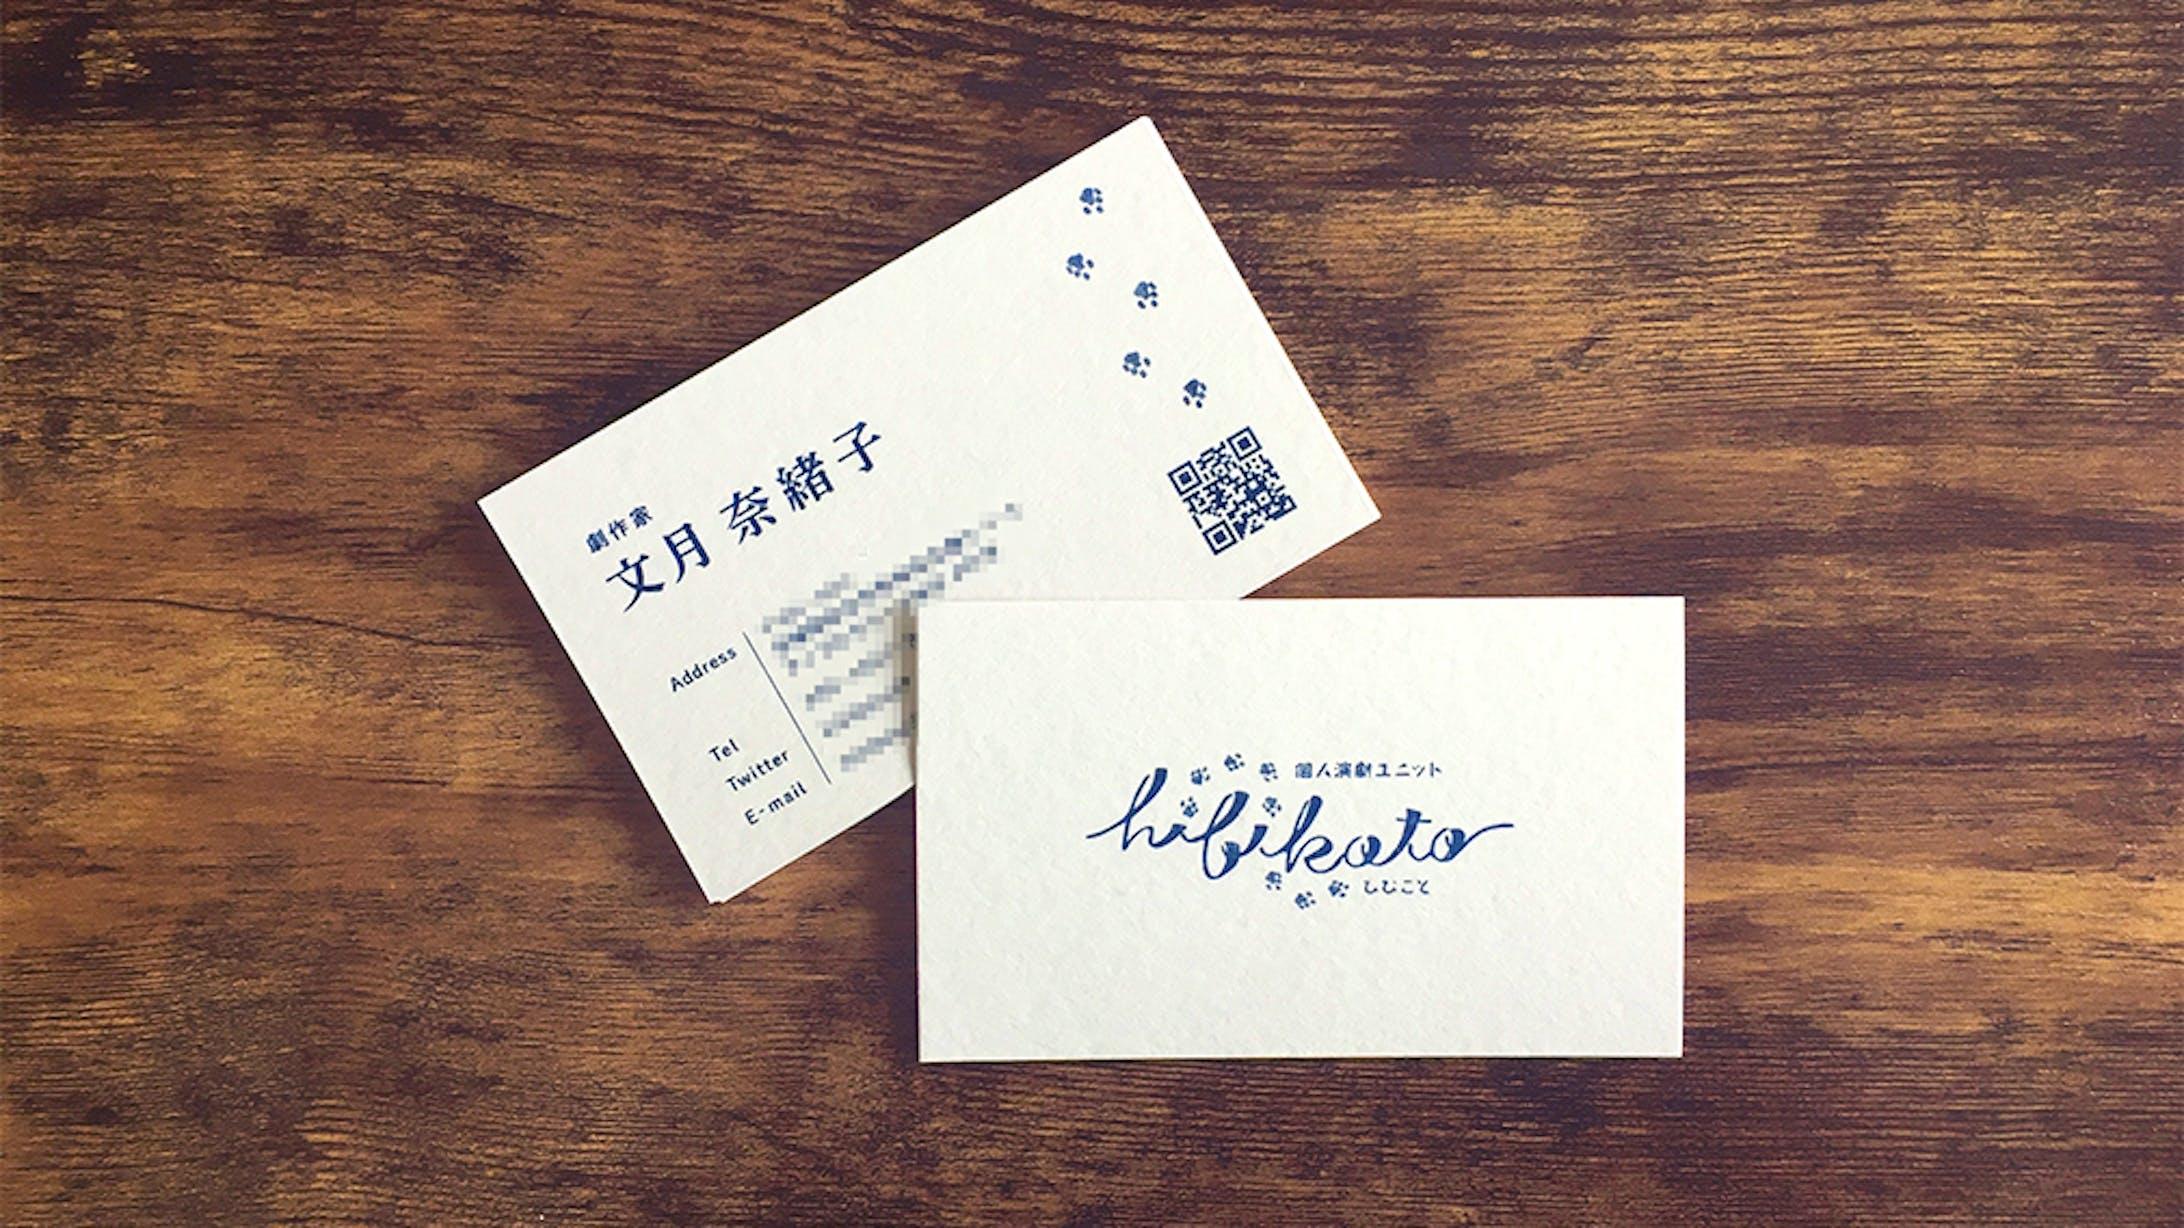 【ロゴ・名刺】ひびことさま-1